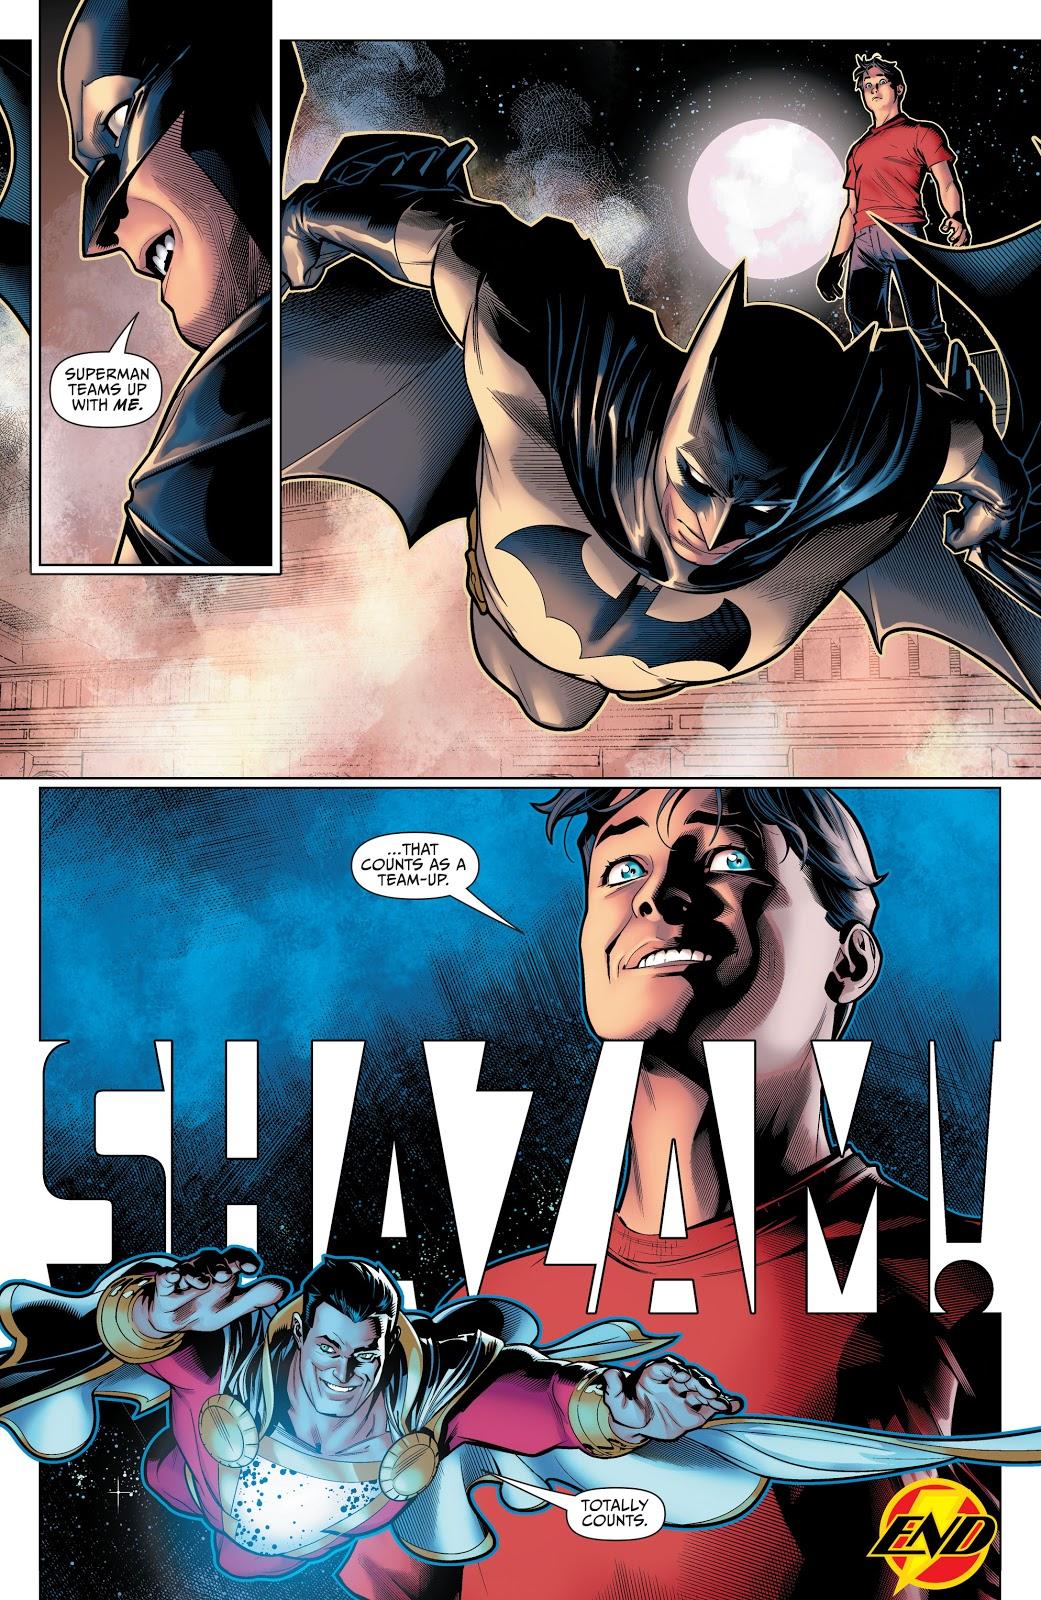 Batman's Life Advice To Shazam 1